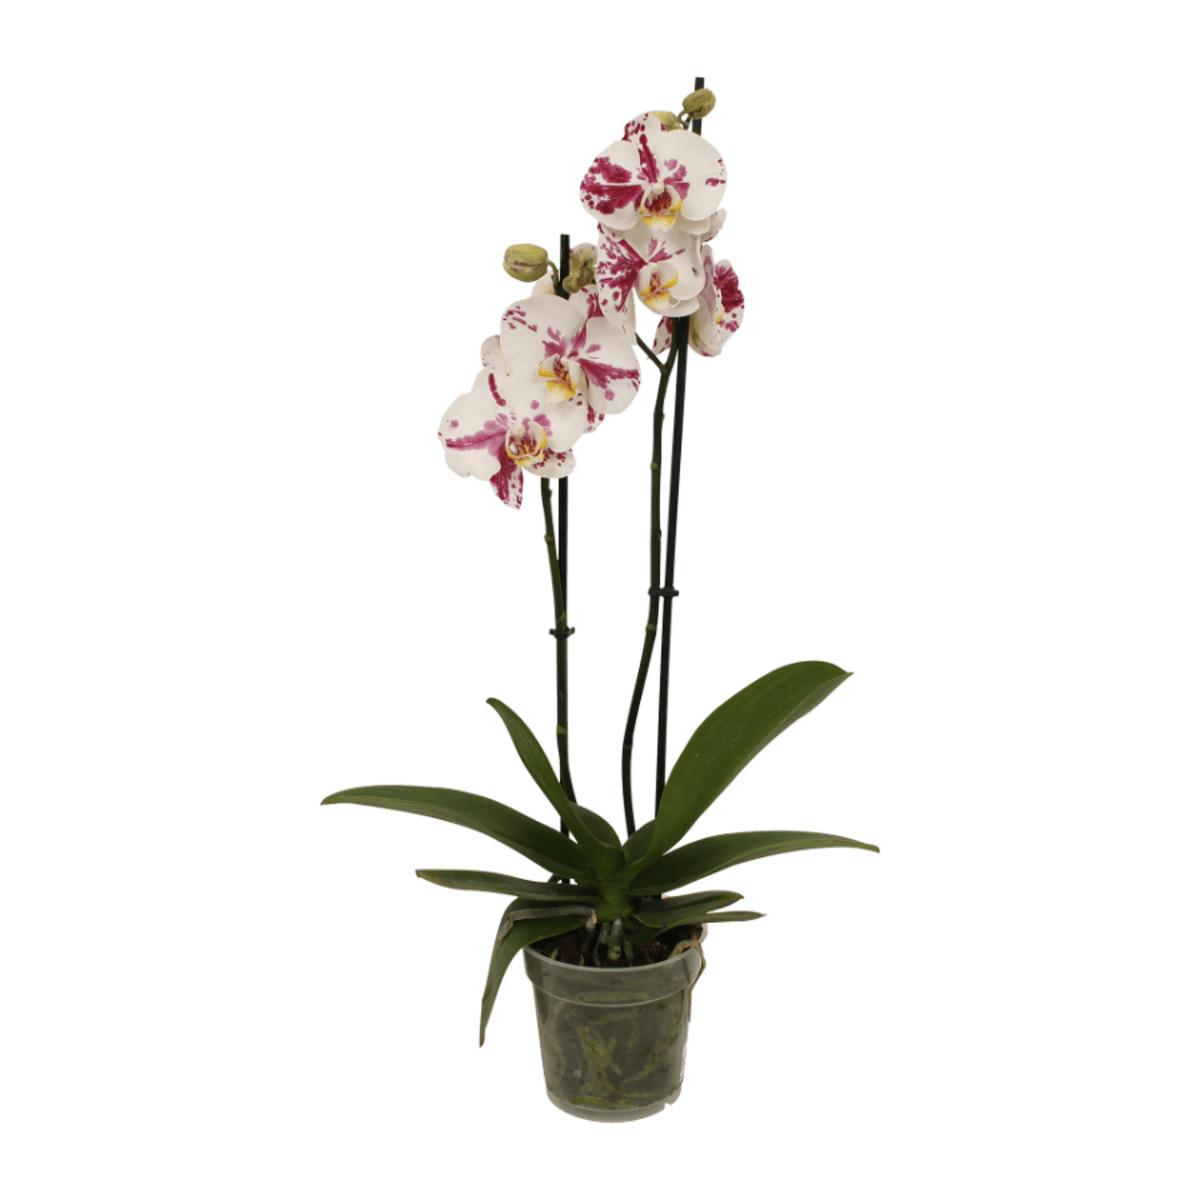 Bild 3 von GARDENLINE Phalaenopsis